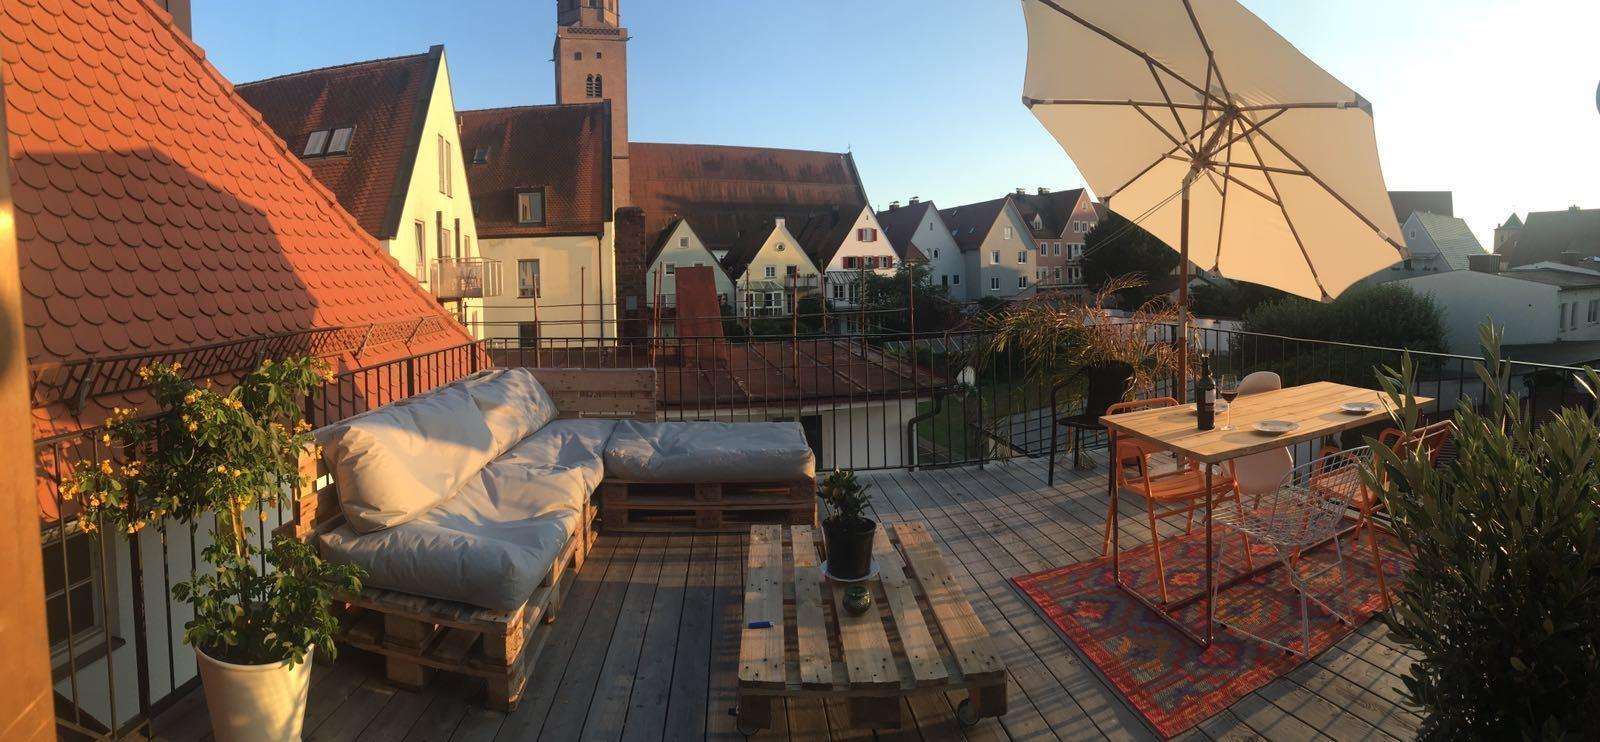 Ideen Für Dachterrasse dachterrassen: so gestaltest du dein kleines paradies!